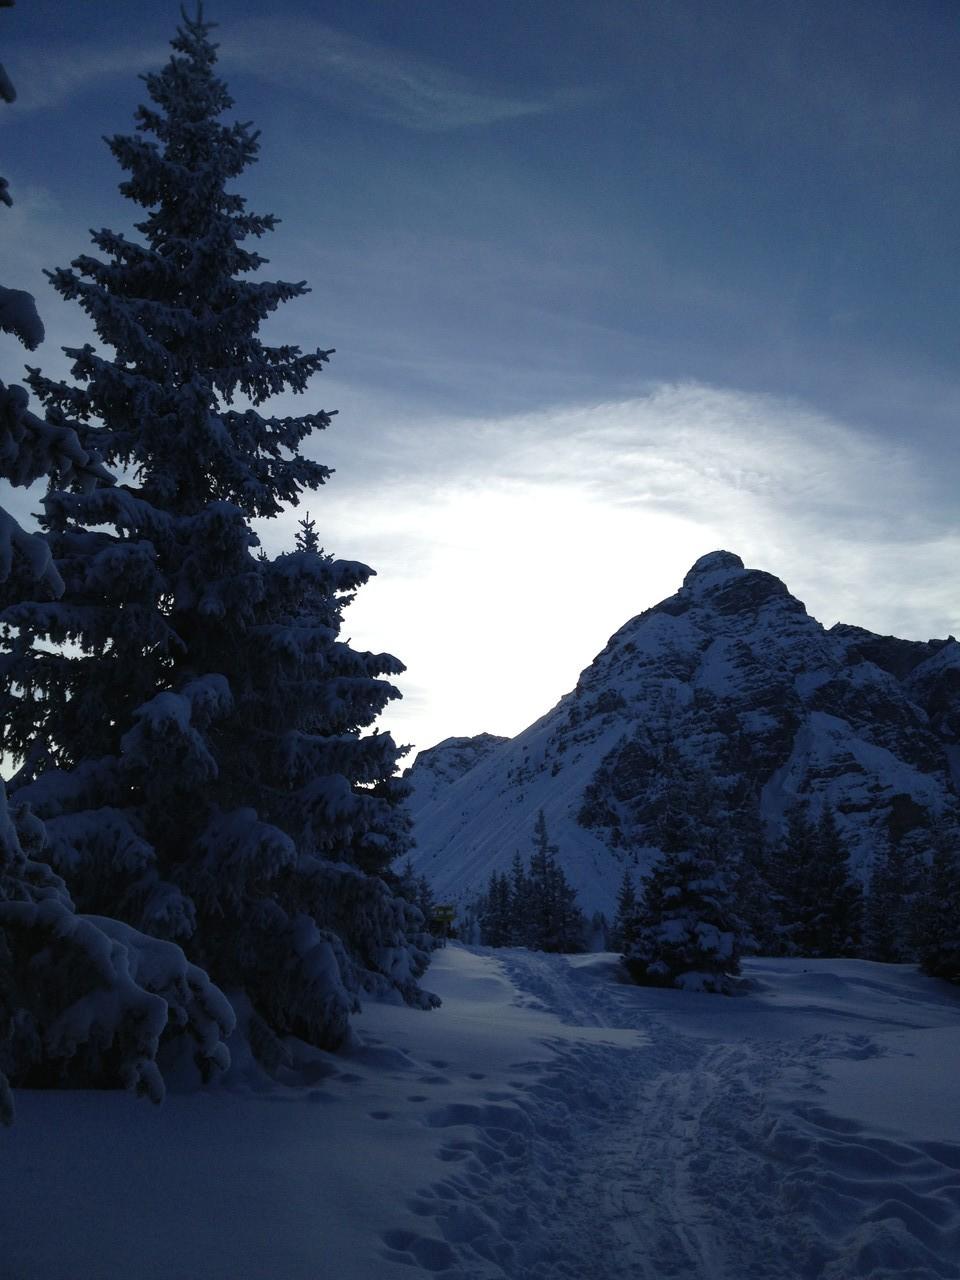 Waldraster Jöchl mit Schneeschuhen von Koppeneck und sogar vom Appartement Riedhof erreichbar